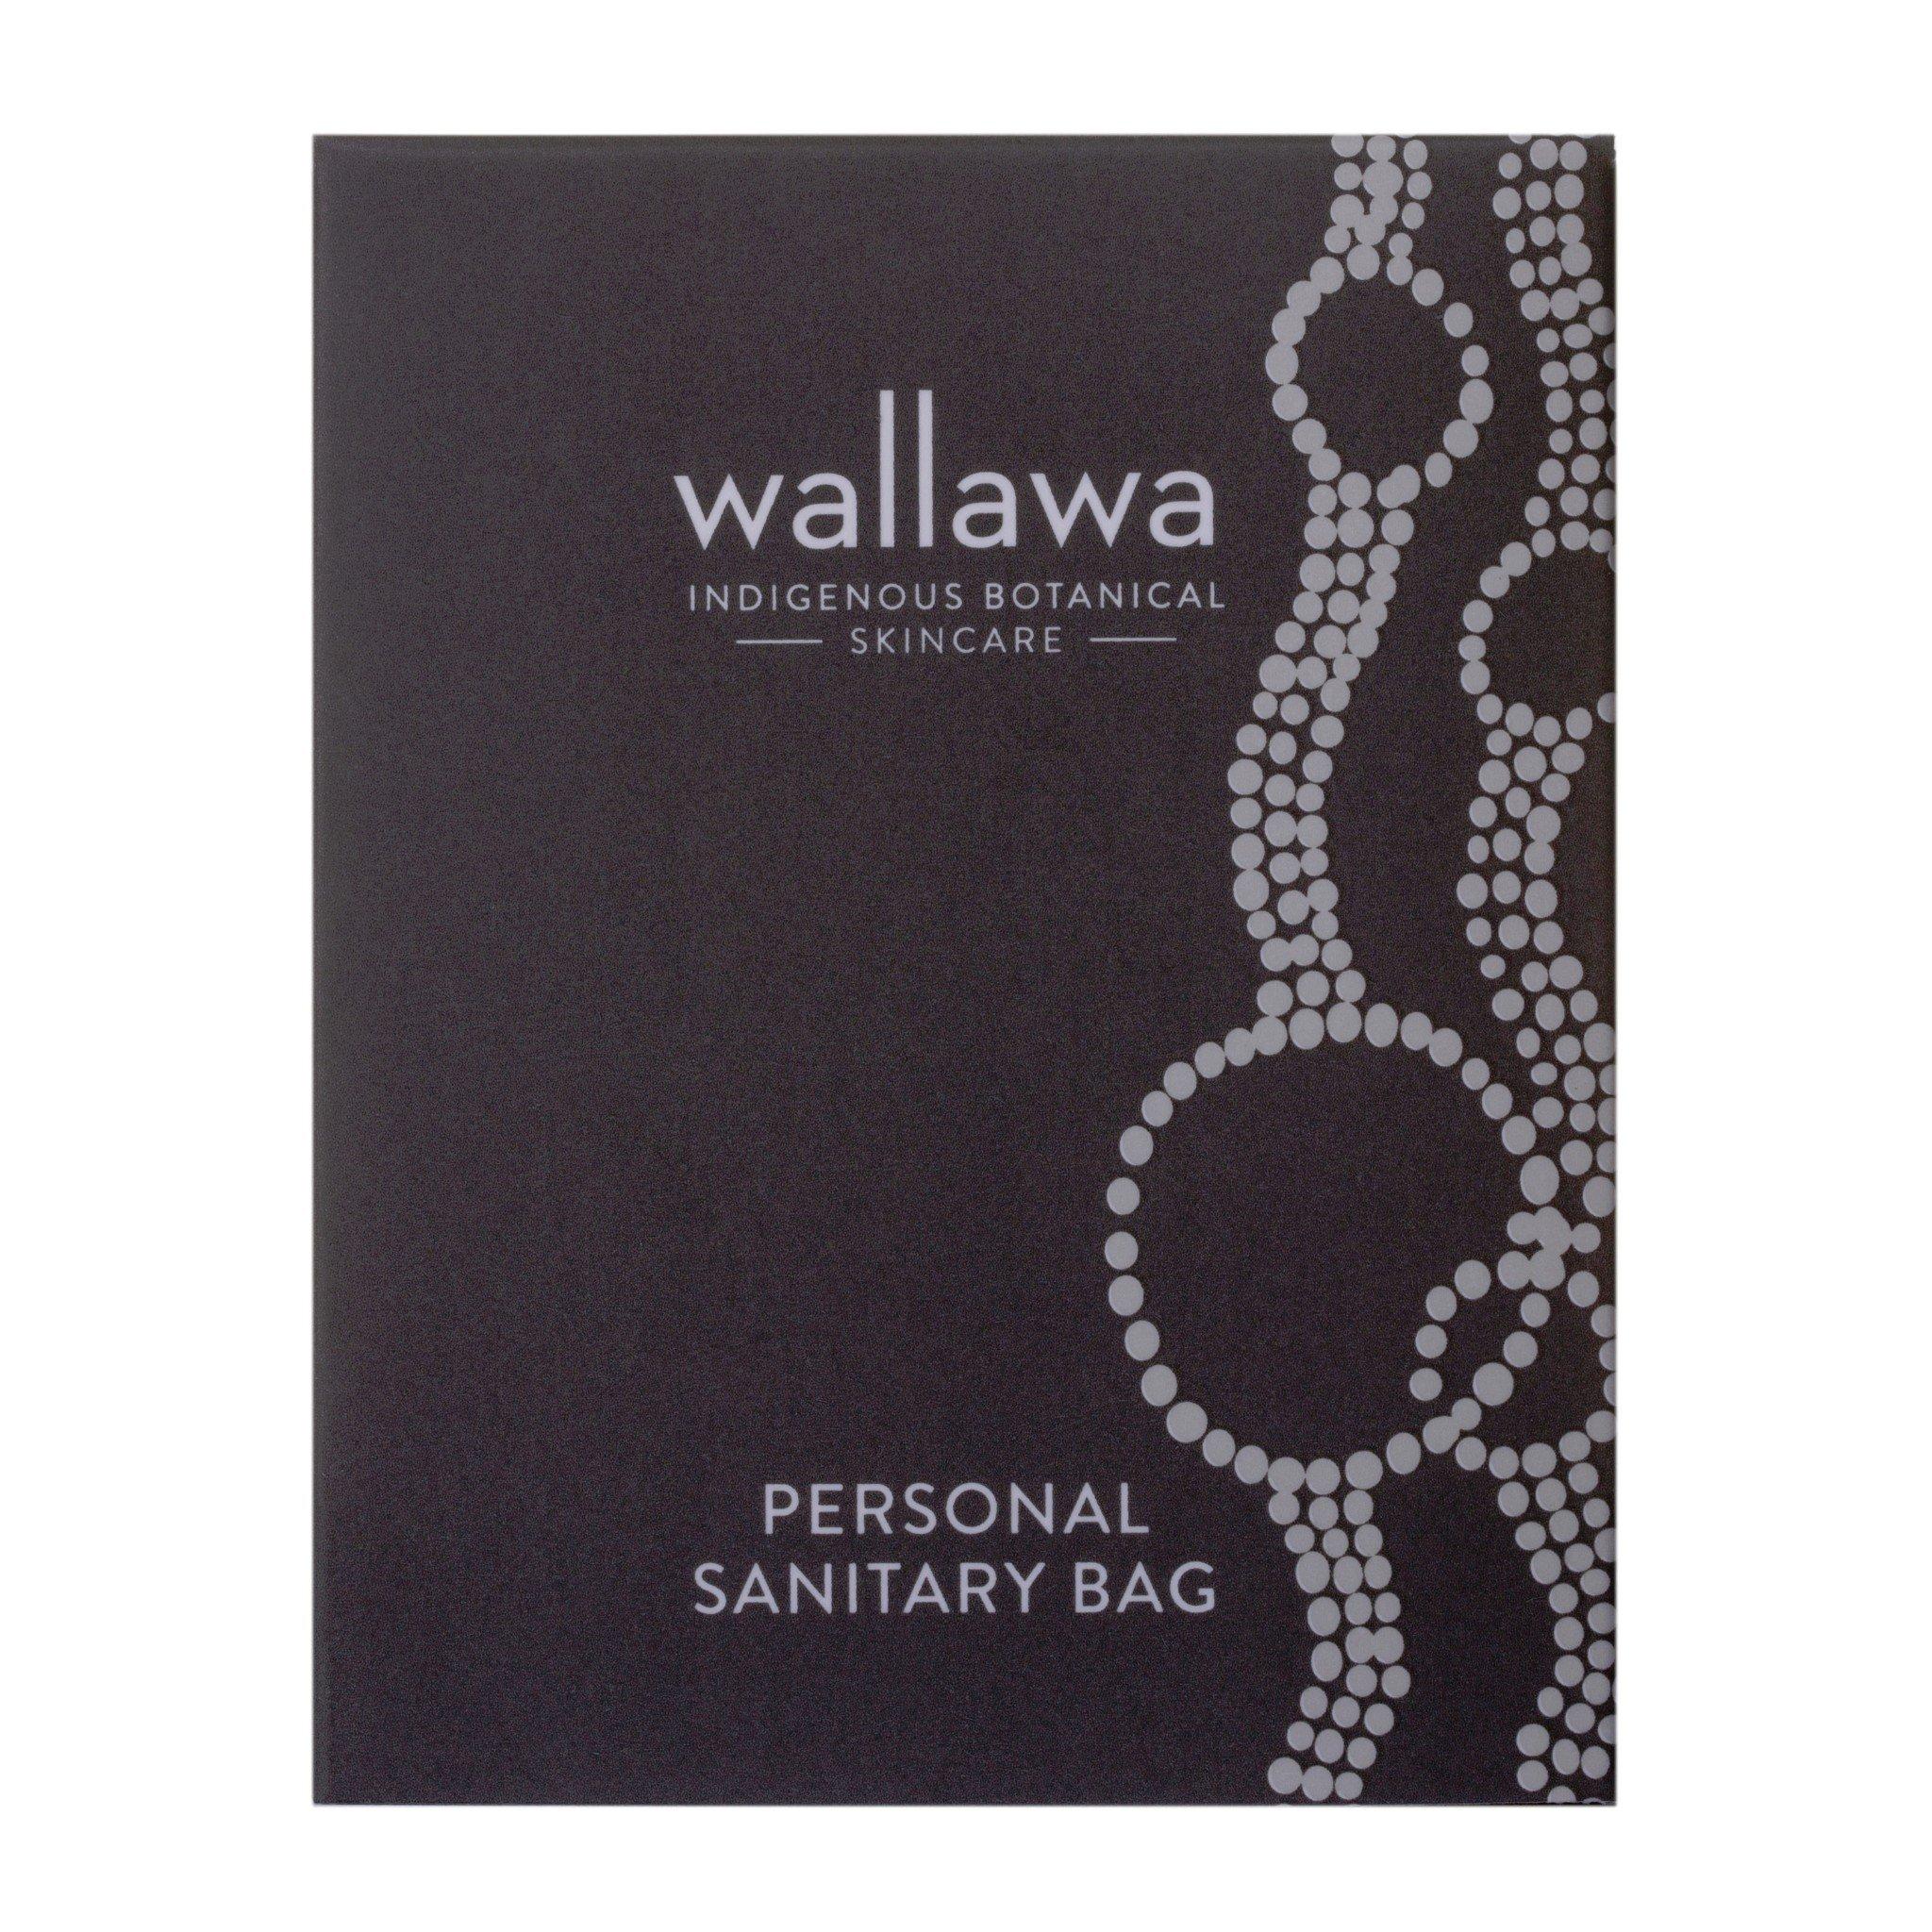 Wallawa Sanitary Bag (50 units)